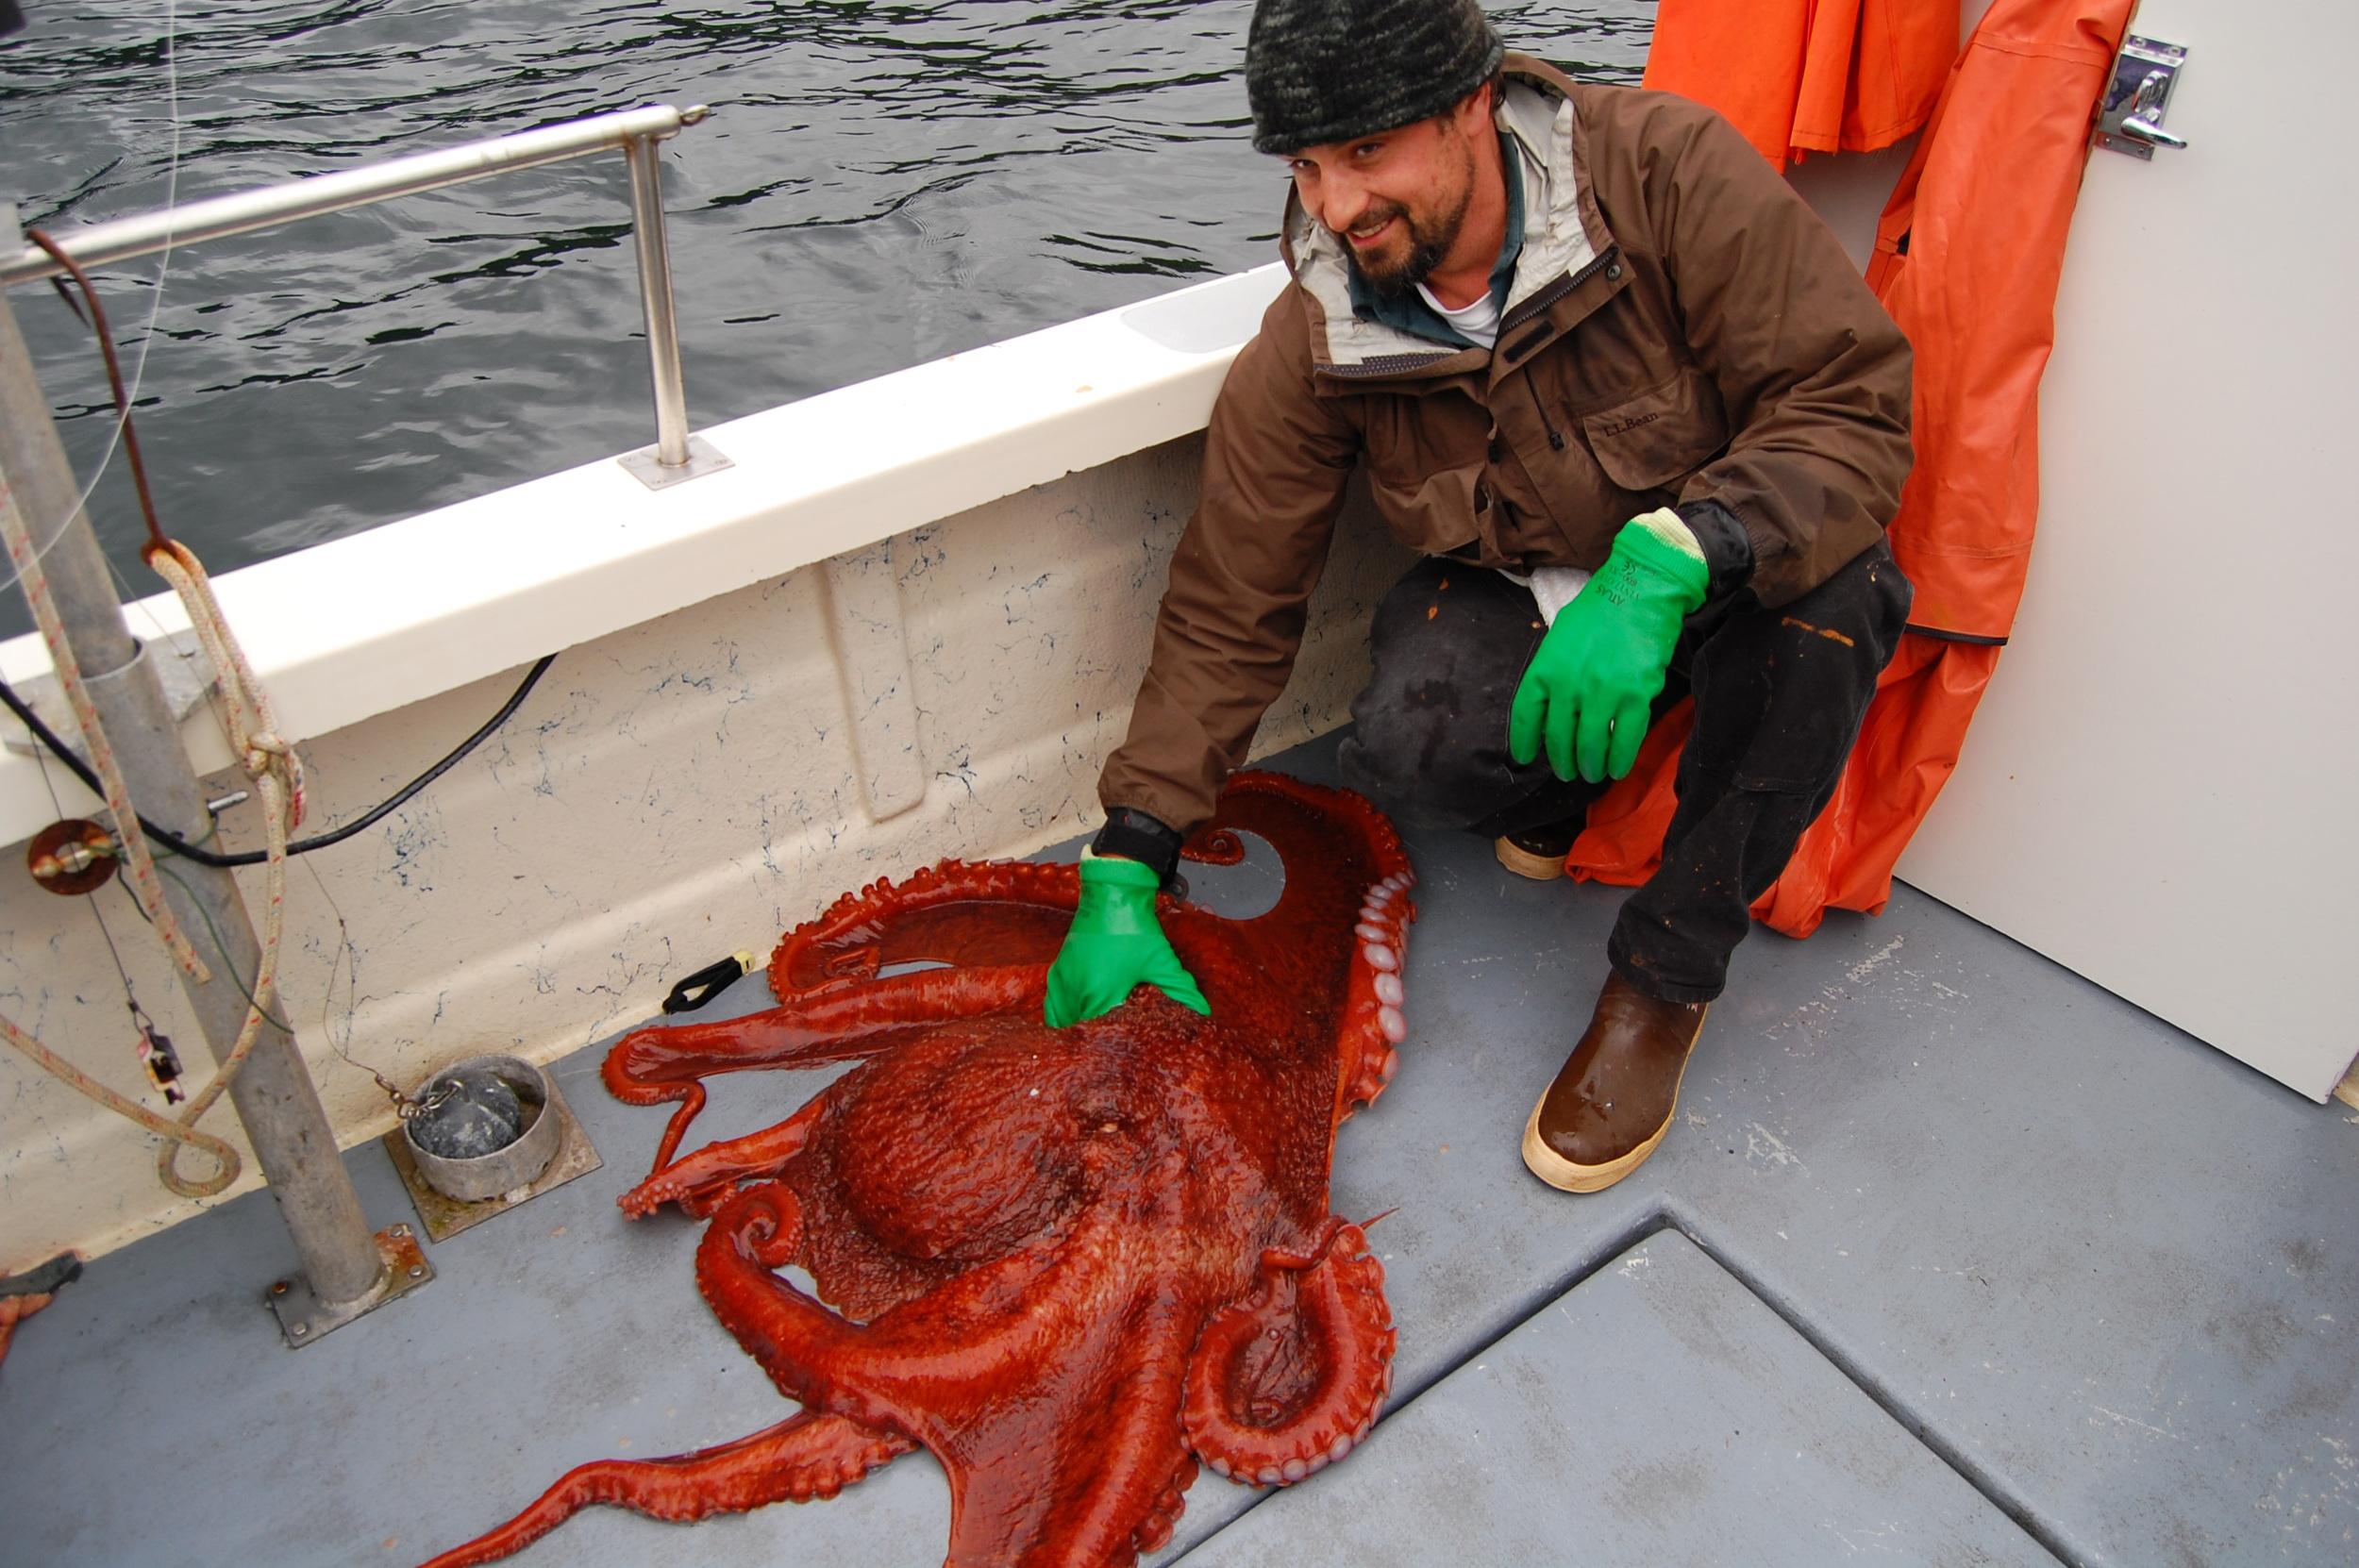 Alaskan Fishing Guide